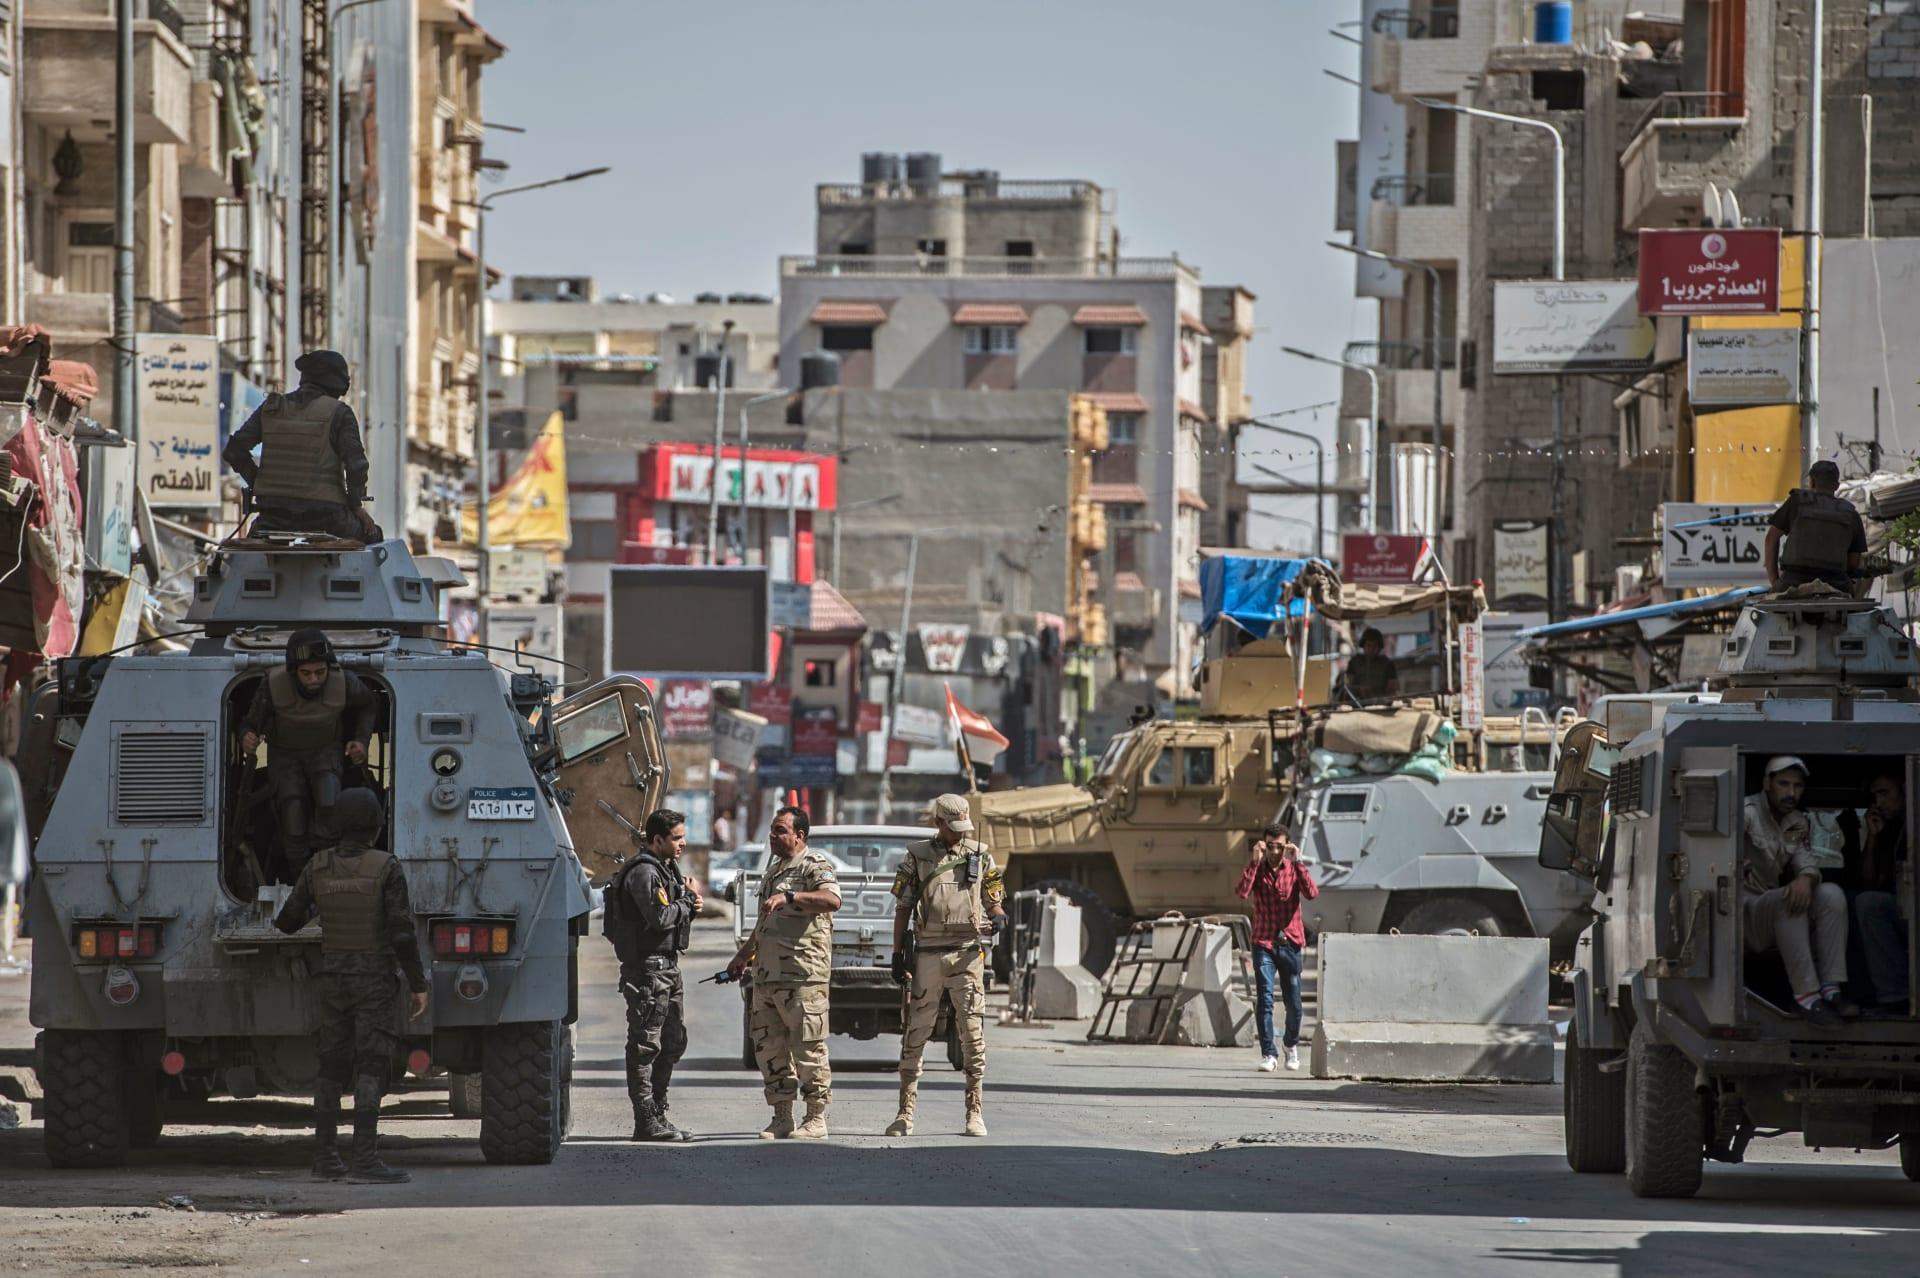 الداخلية المصرية تعلن مقتل 13 إرهابيًا في تبادل لإطلاق النار في سيناء